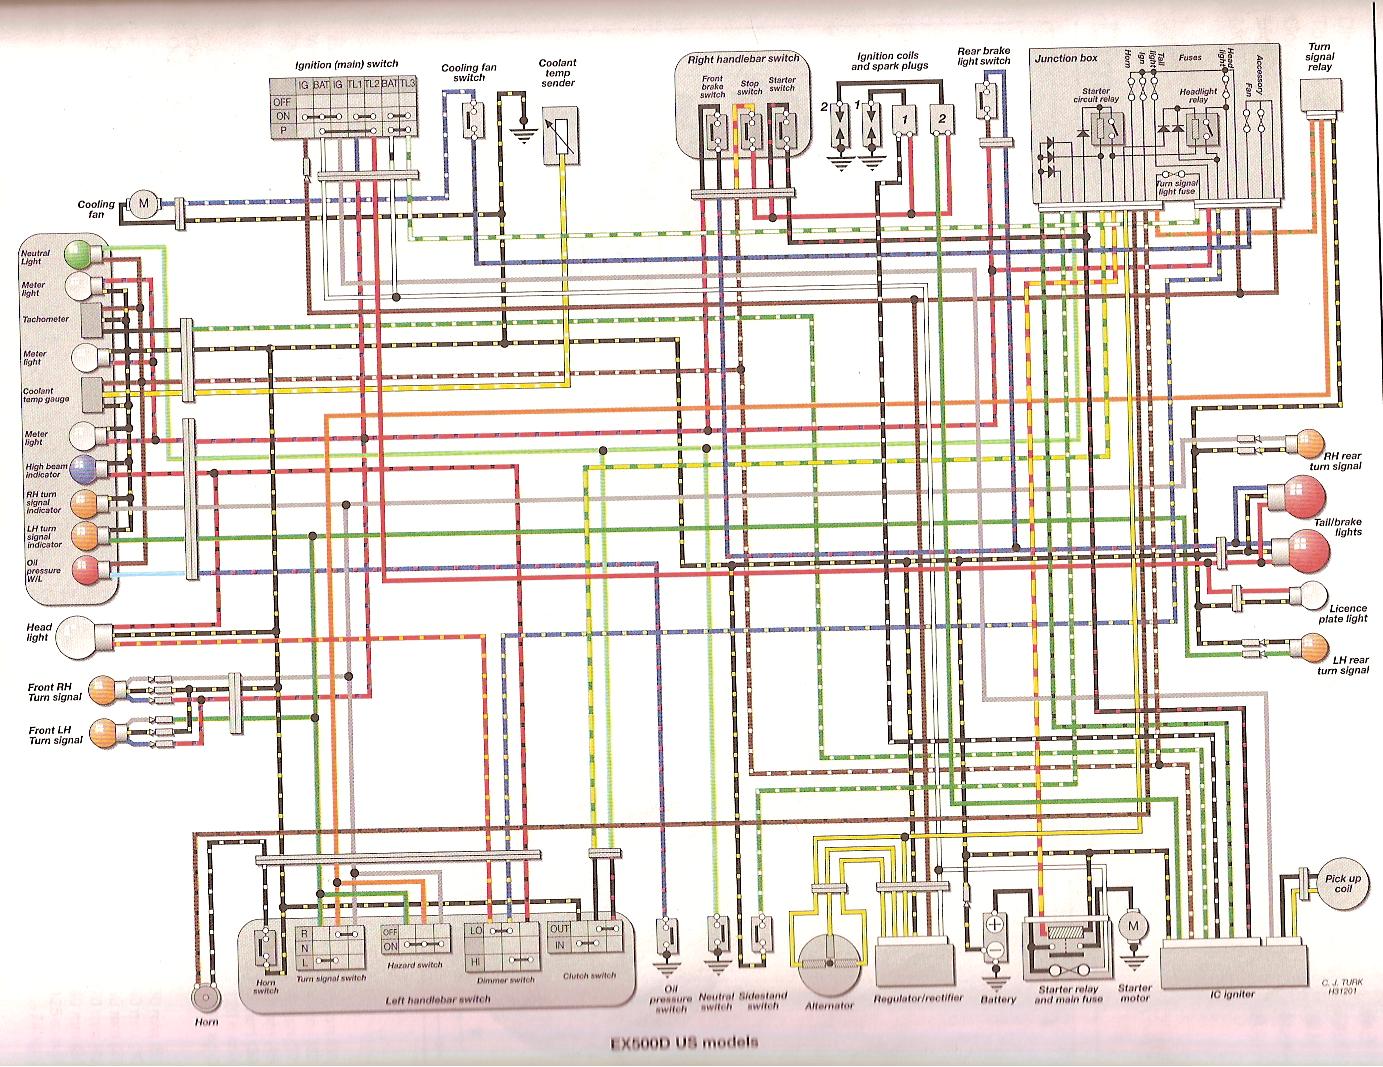 Jadi buat yang belum lengkap bisa liat diagram dibawah ini. Diagram ini  punya motor ninja